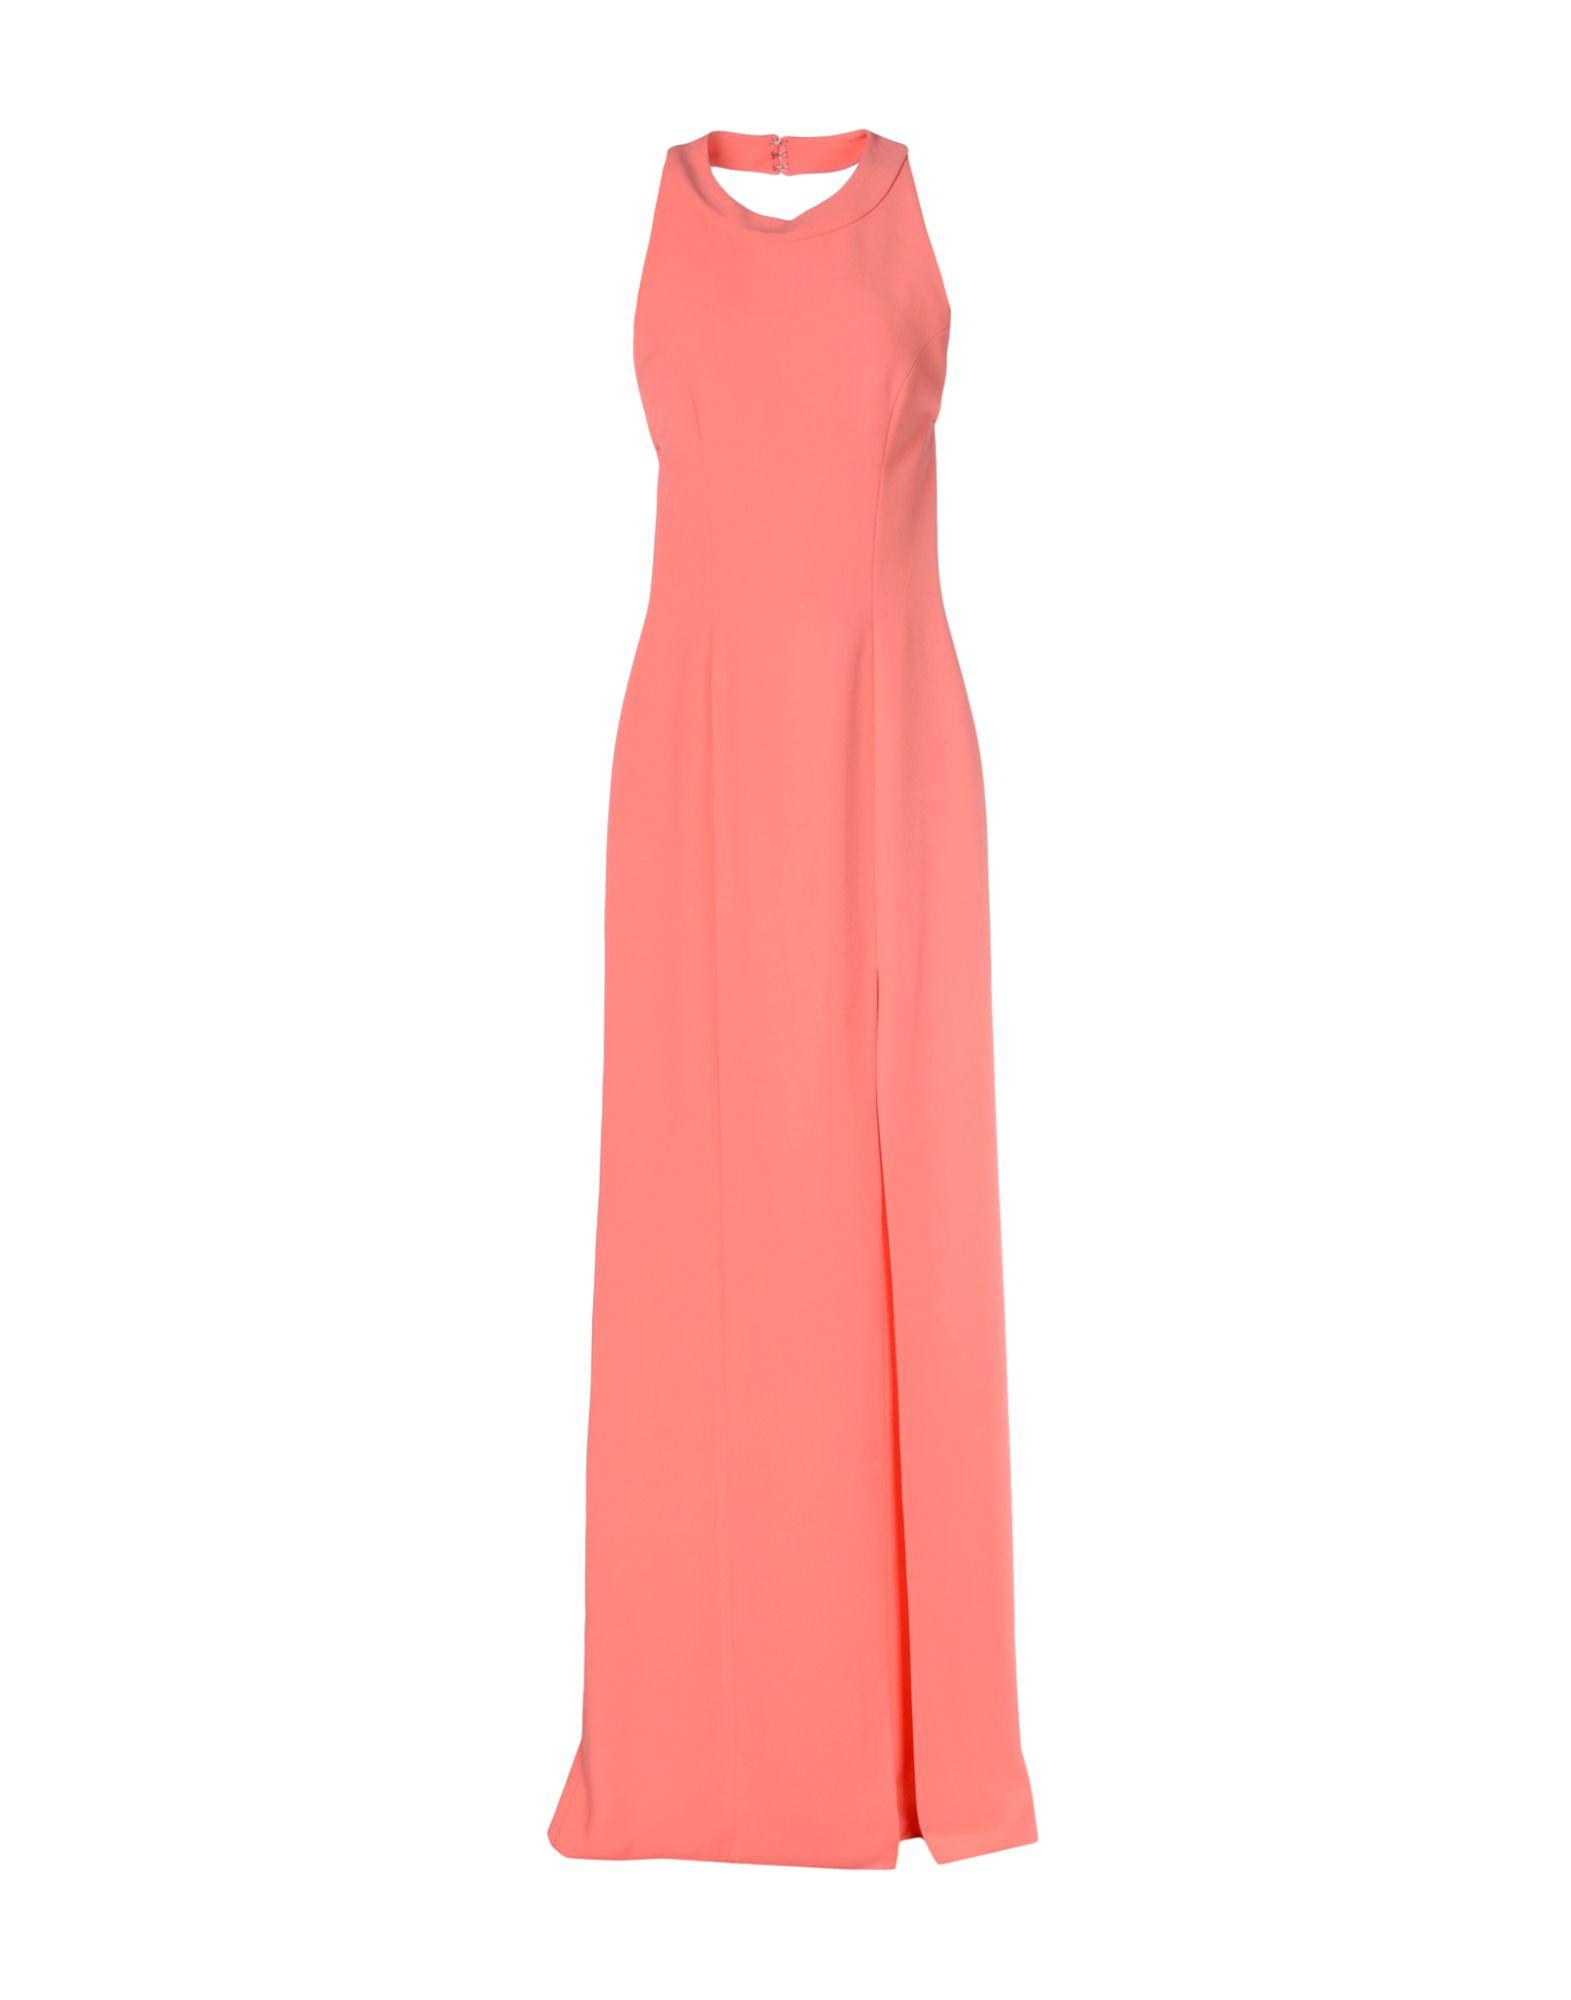 ALEX VIDAL Длинное платье платье короткое спереди длинное сзади летнее